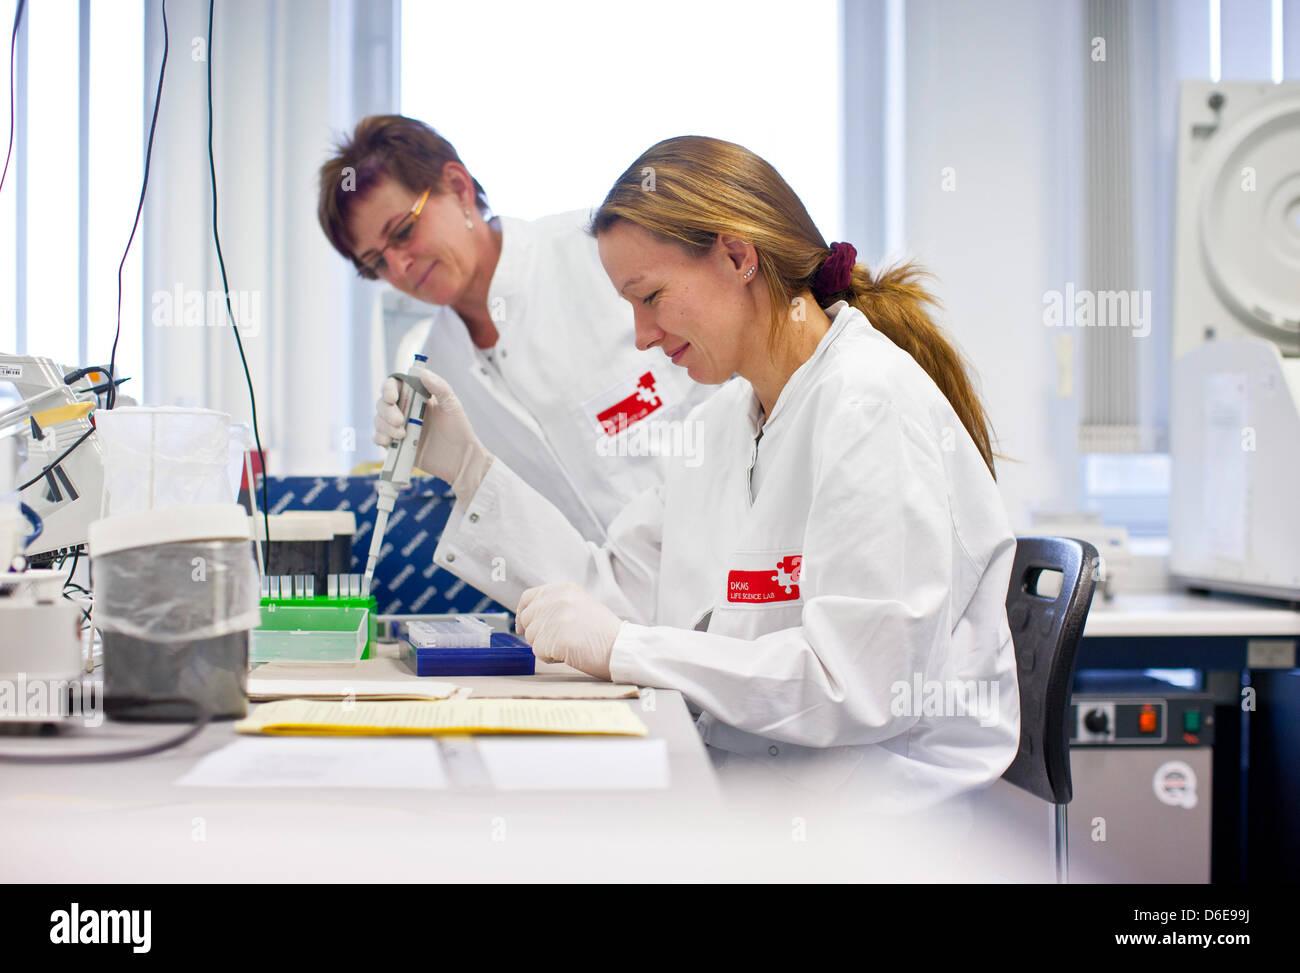 Mitarbeiter des Gewebes Typisierung Labors DKMS Life Science Lab extrahieren DNA aus einer Gewebeprobe in Dresden, Stockbild